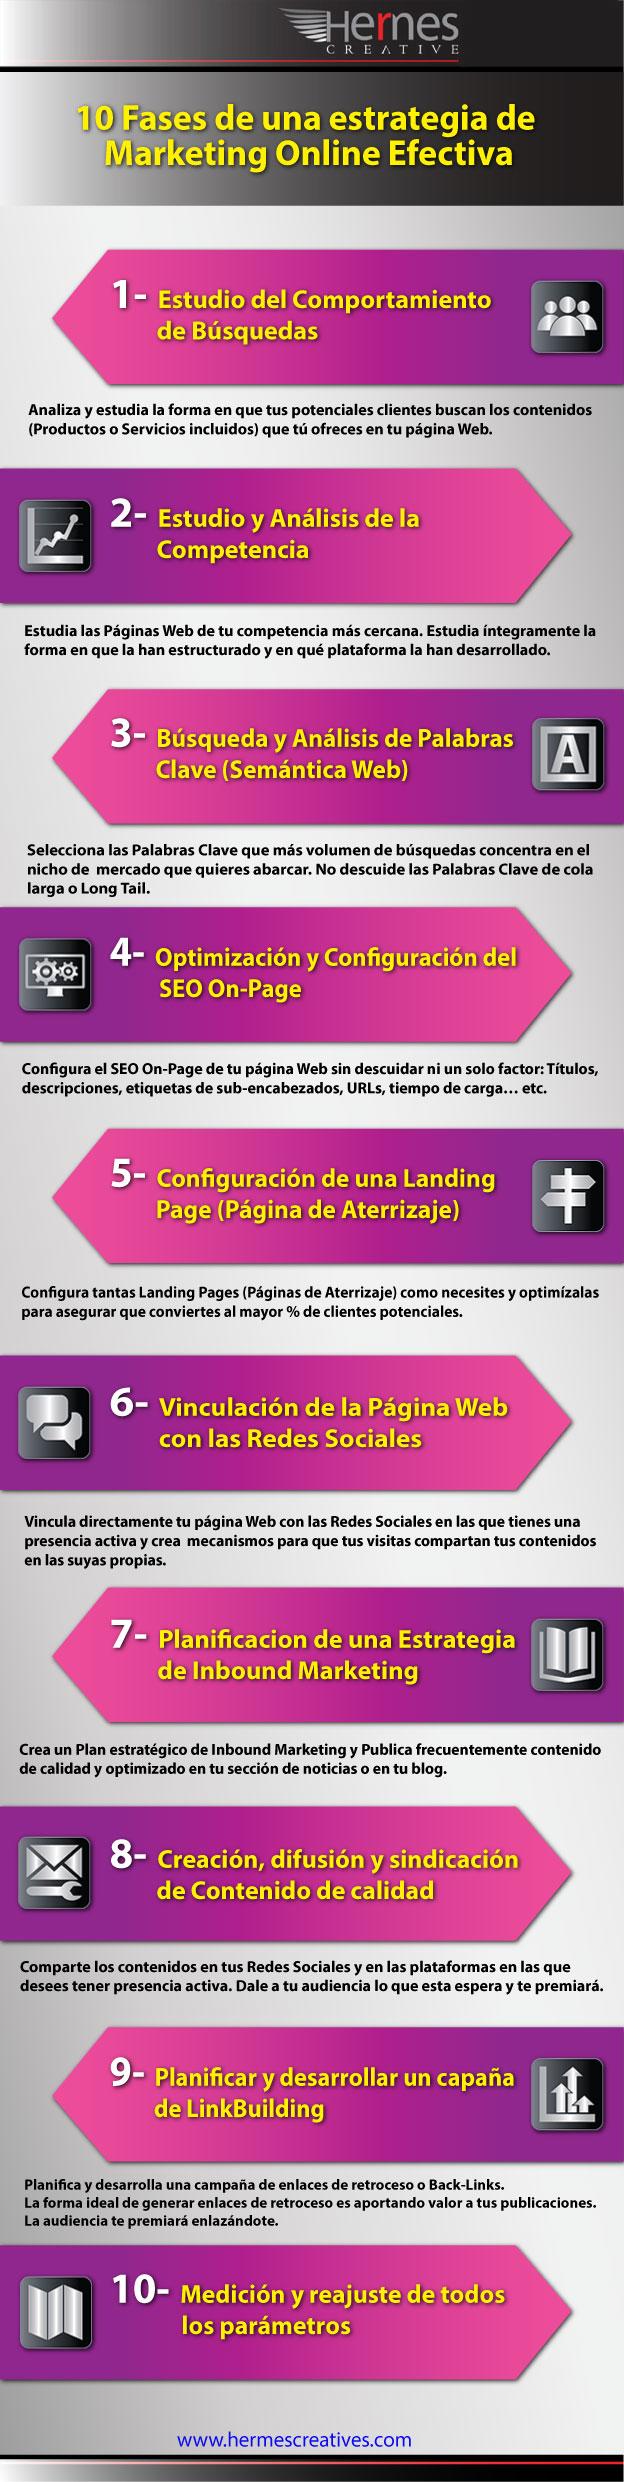 estrategia efectiva de marketing online paso a paso para seo y posicionamiento web